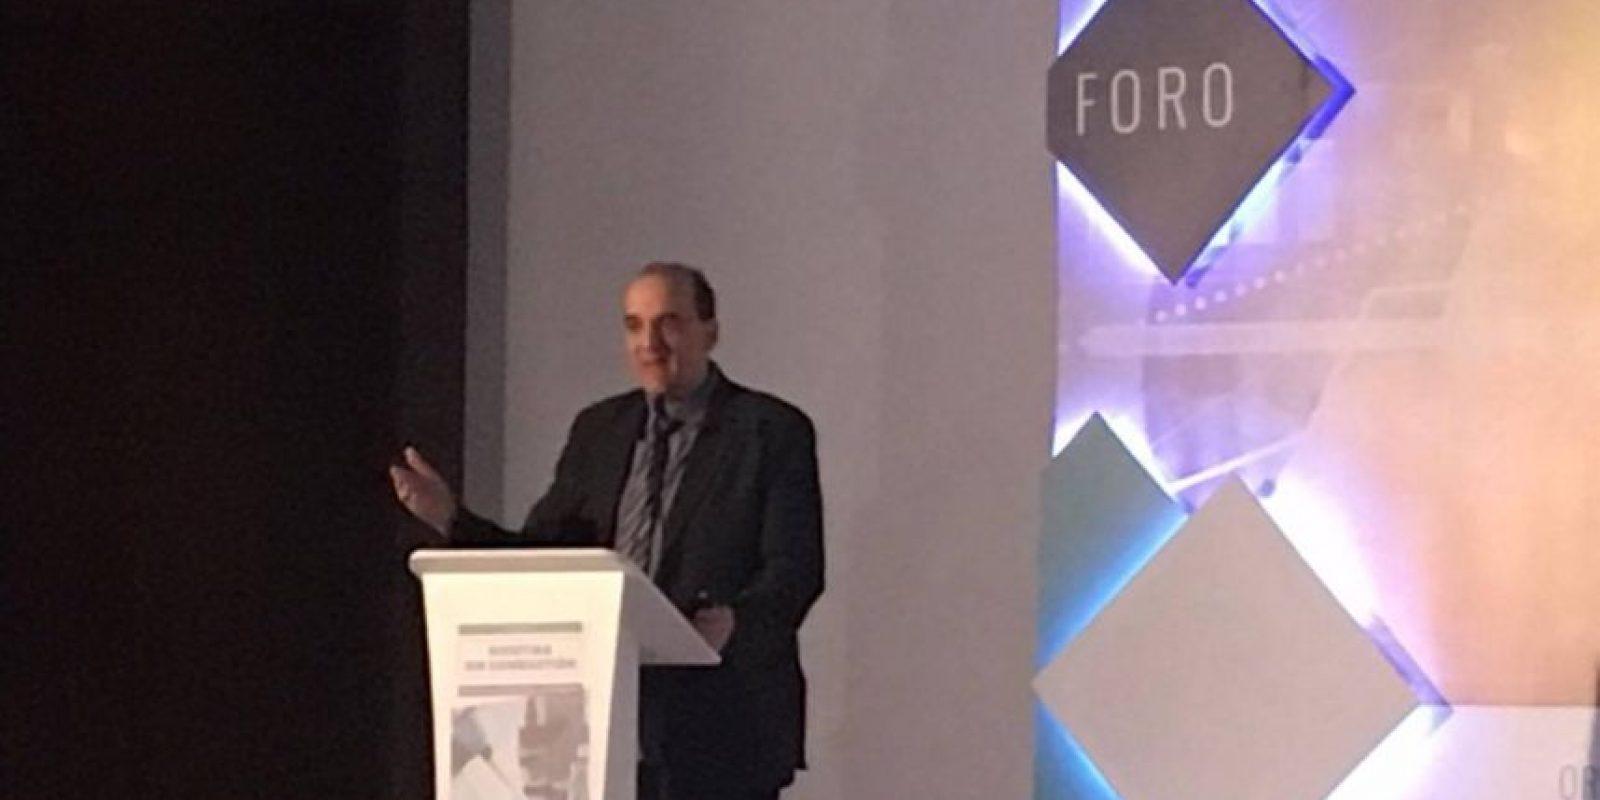 El doctor Farsalinos durante su intervención en el foro. Foto:Publinews